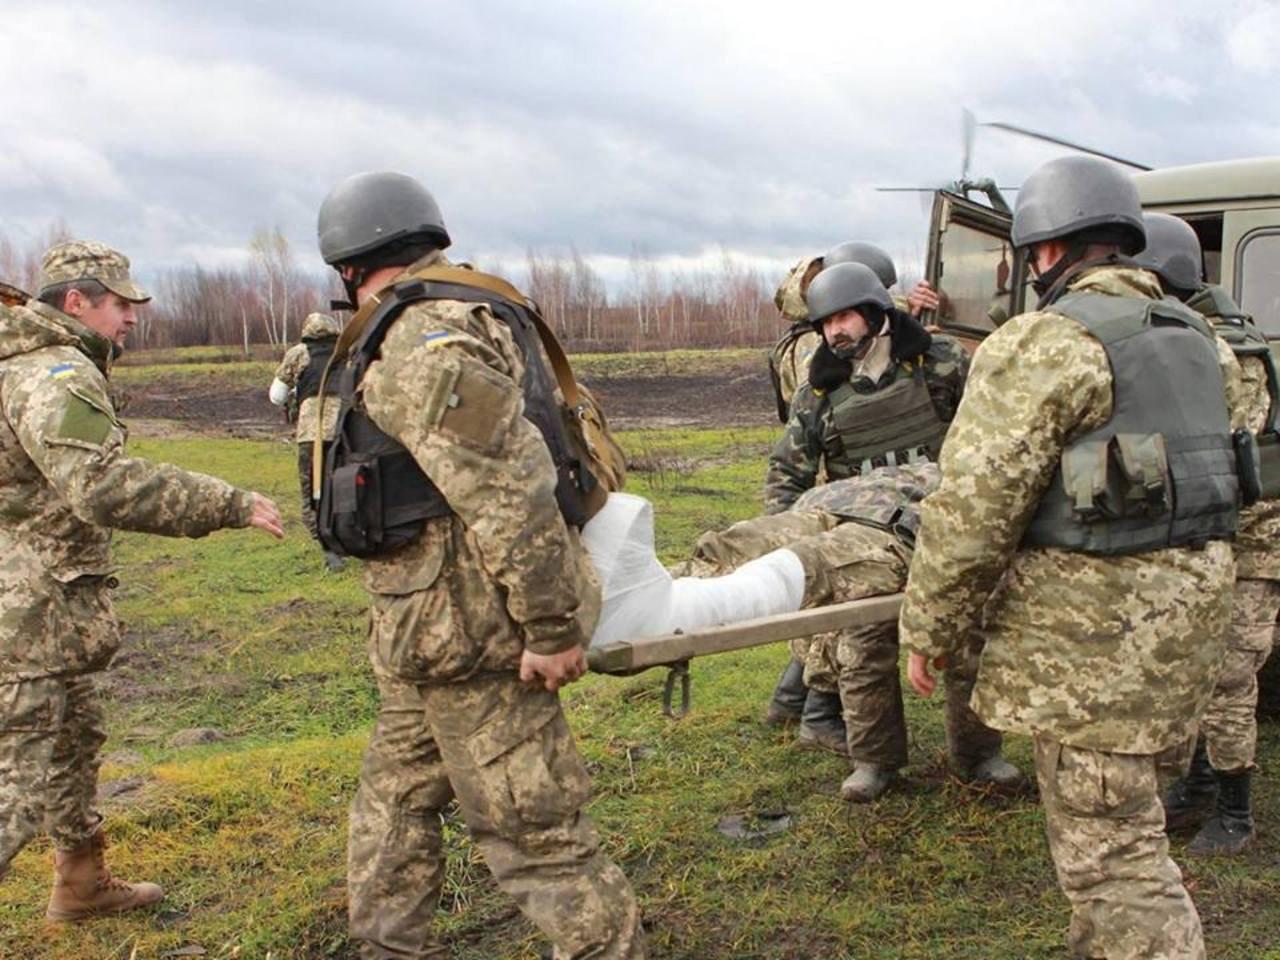 Командование ВСУ скрывает небоевые потери - НМ ДНР